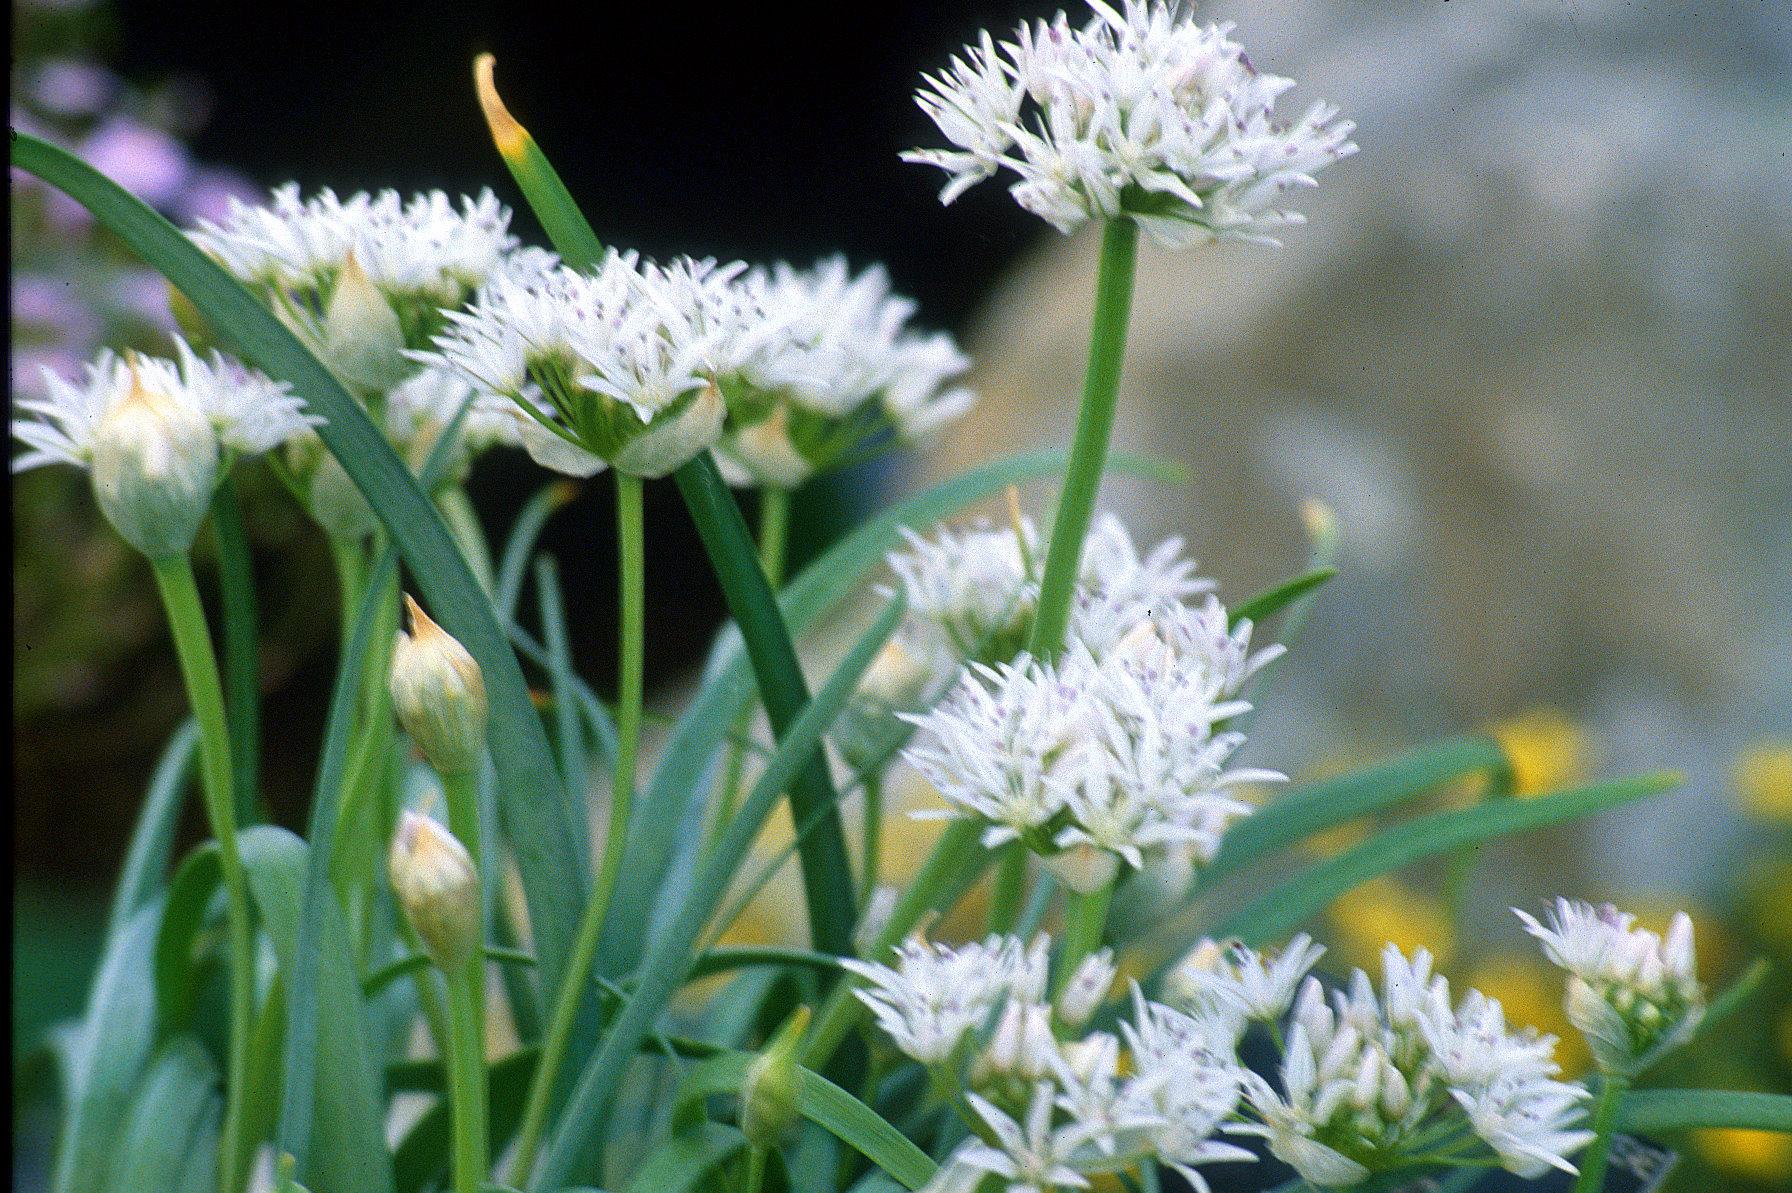 Allium%20tolmiei%20v%20Platyphyllum%20%28Als%29.jpg